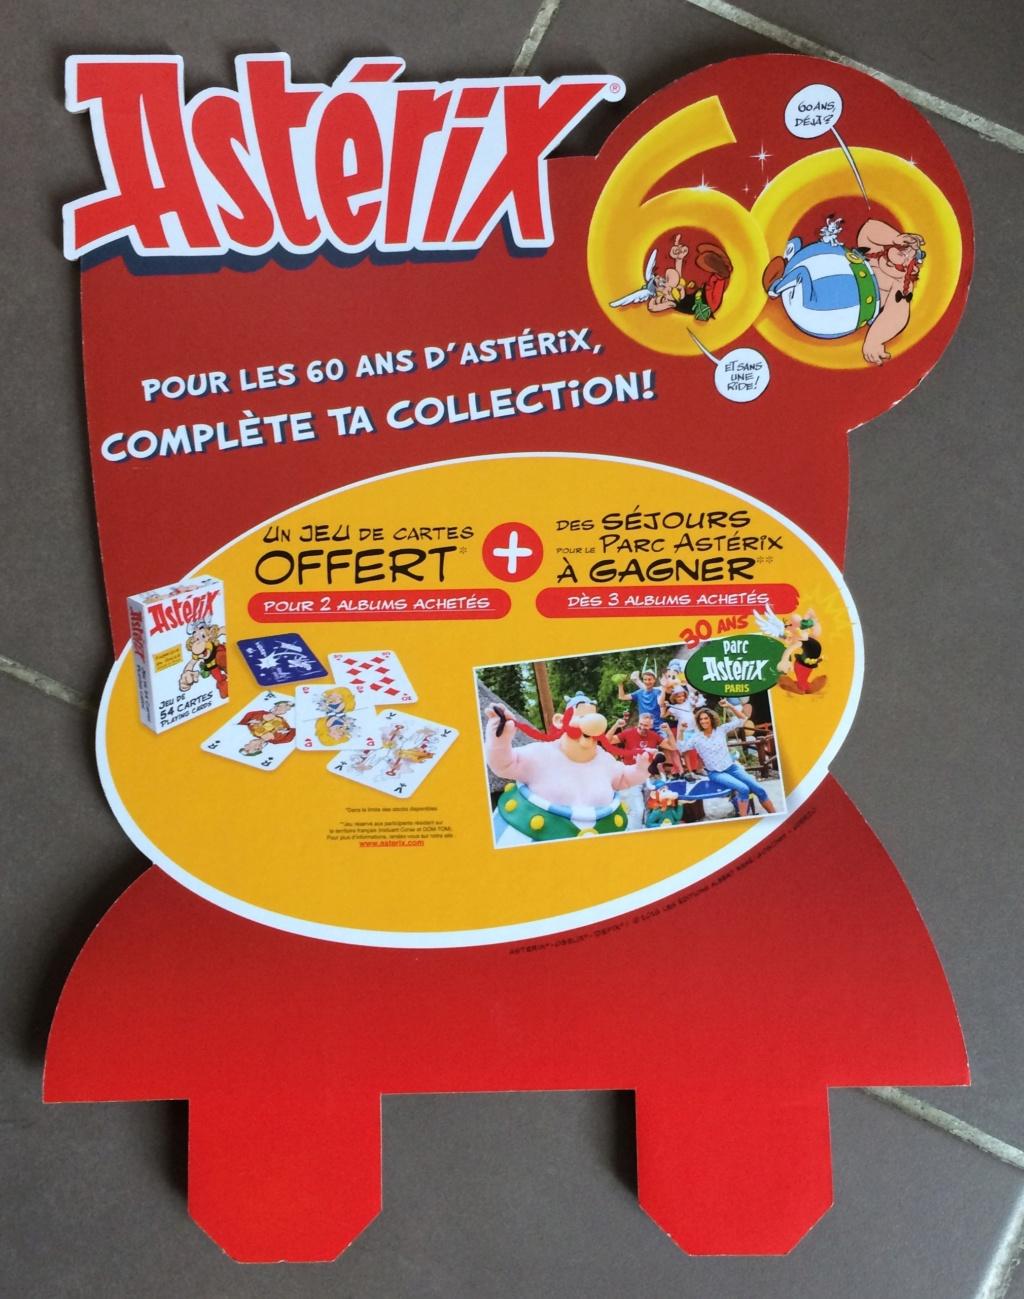 Acquisition de Pierrix  - Page 11 F0408e10